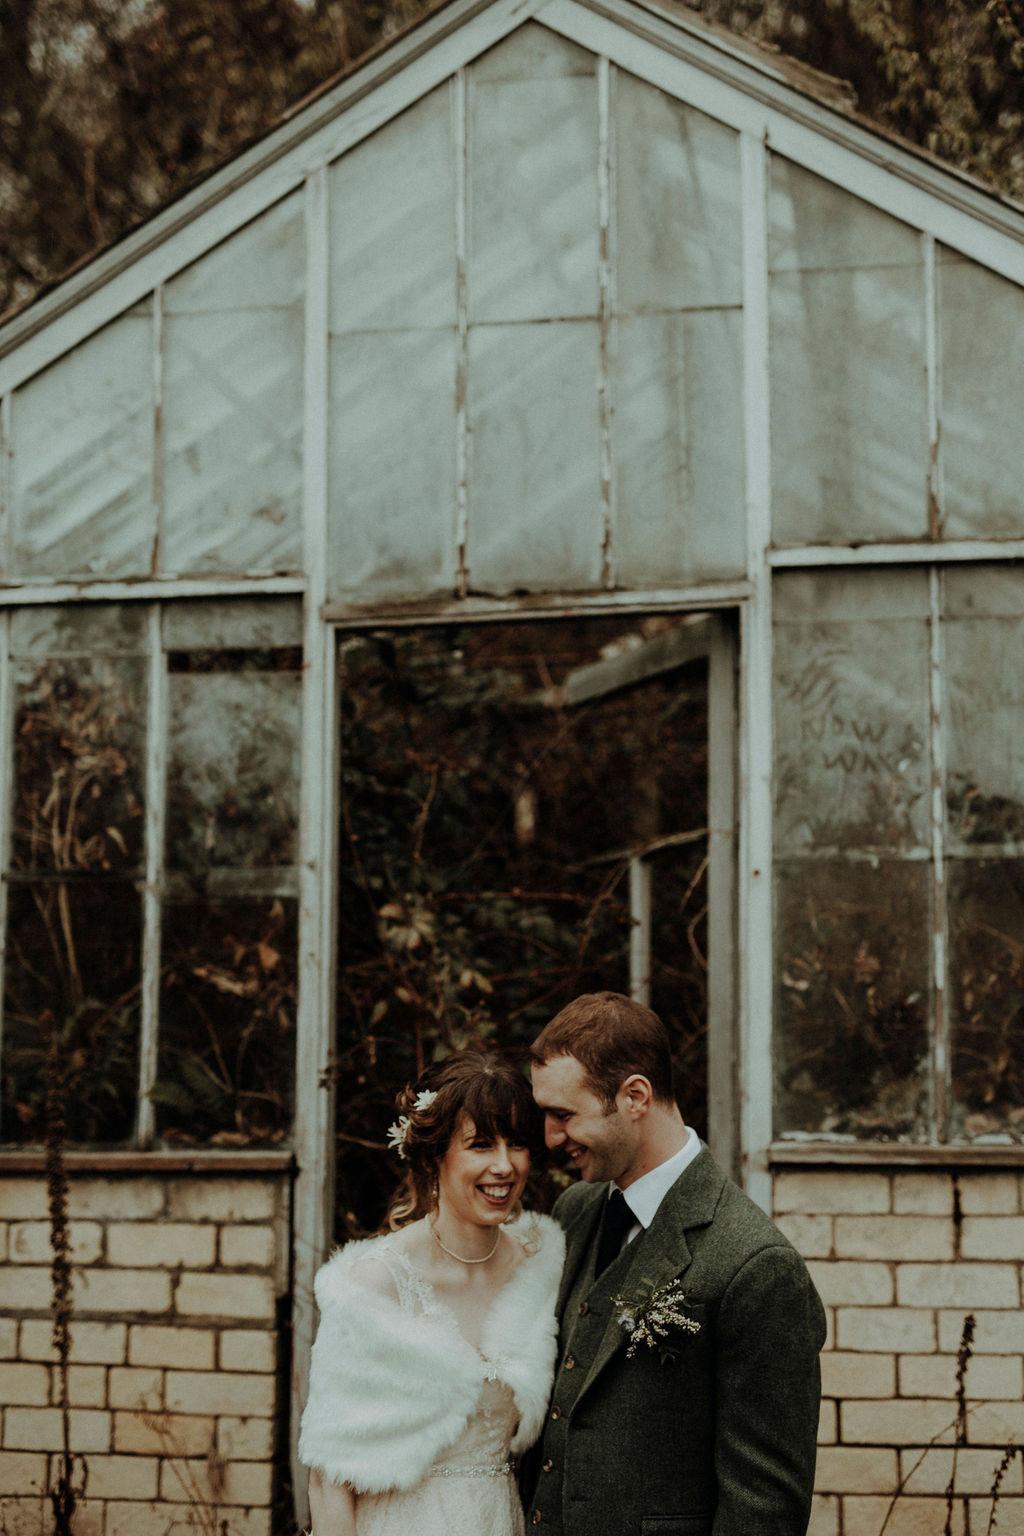 Byre at Inchyra wedding photoshoot